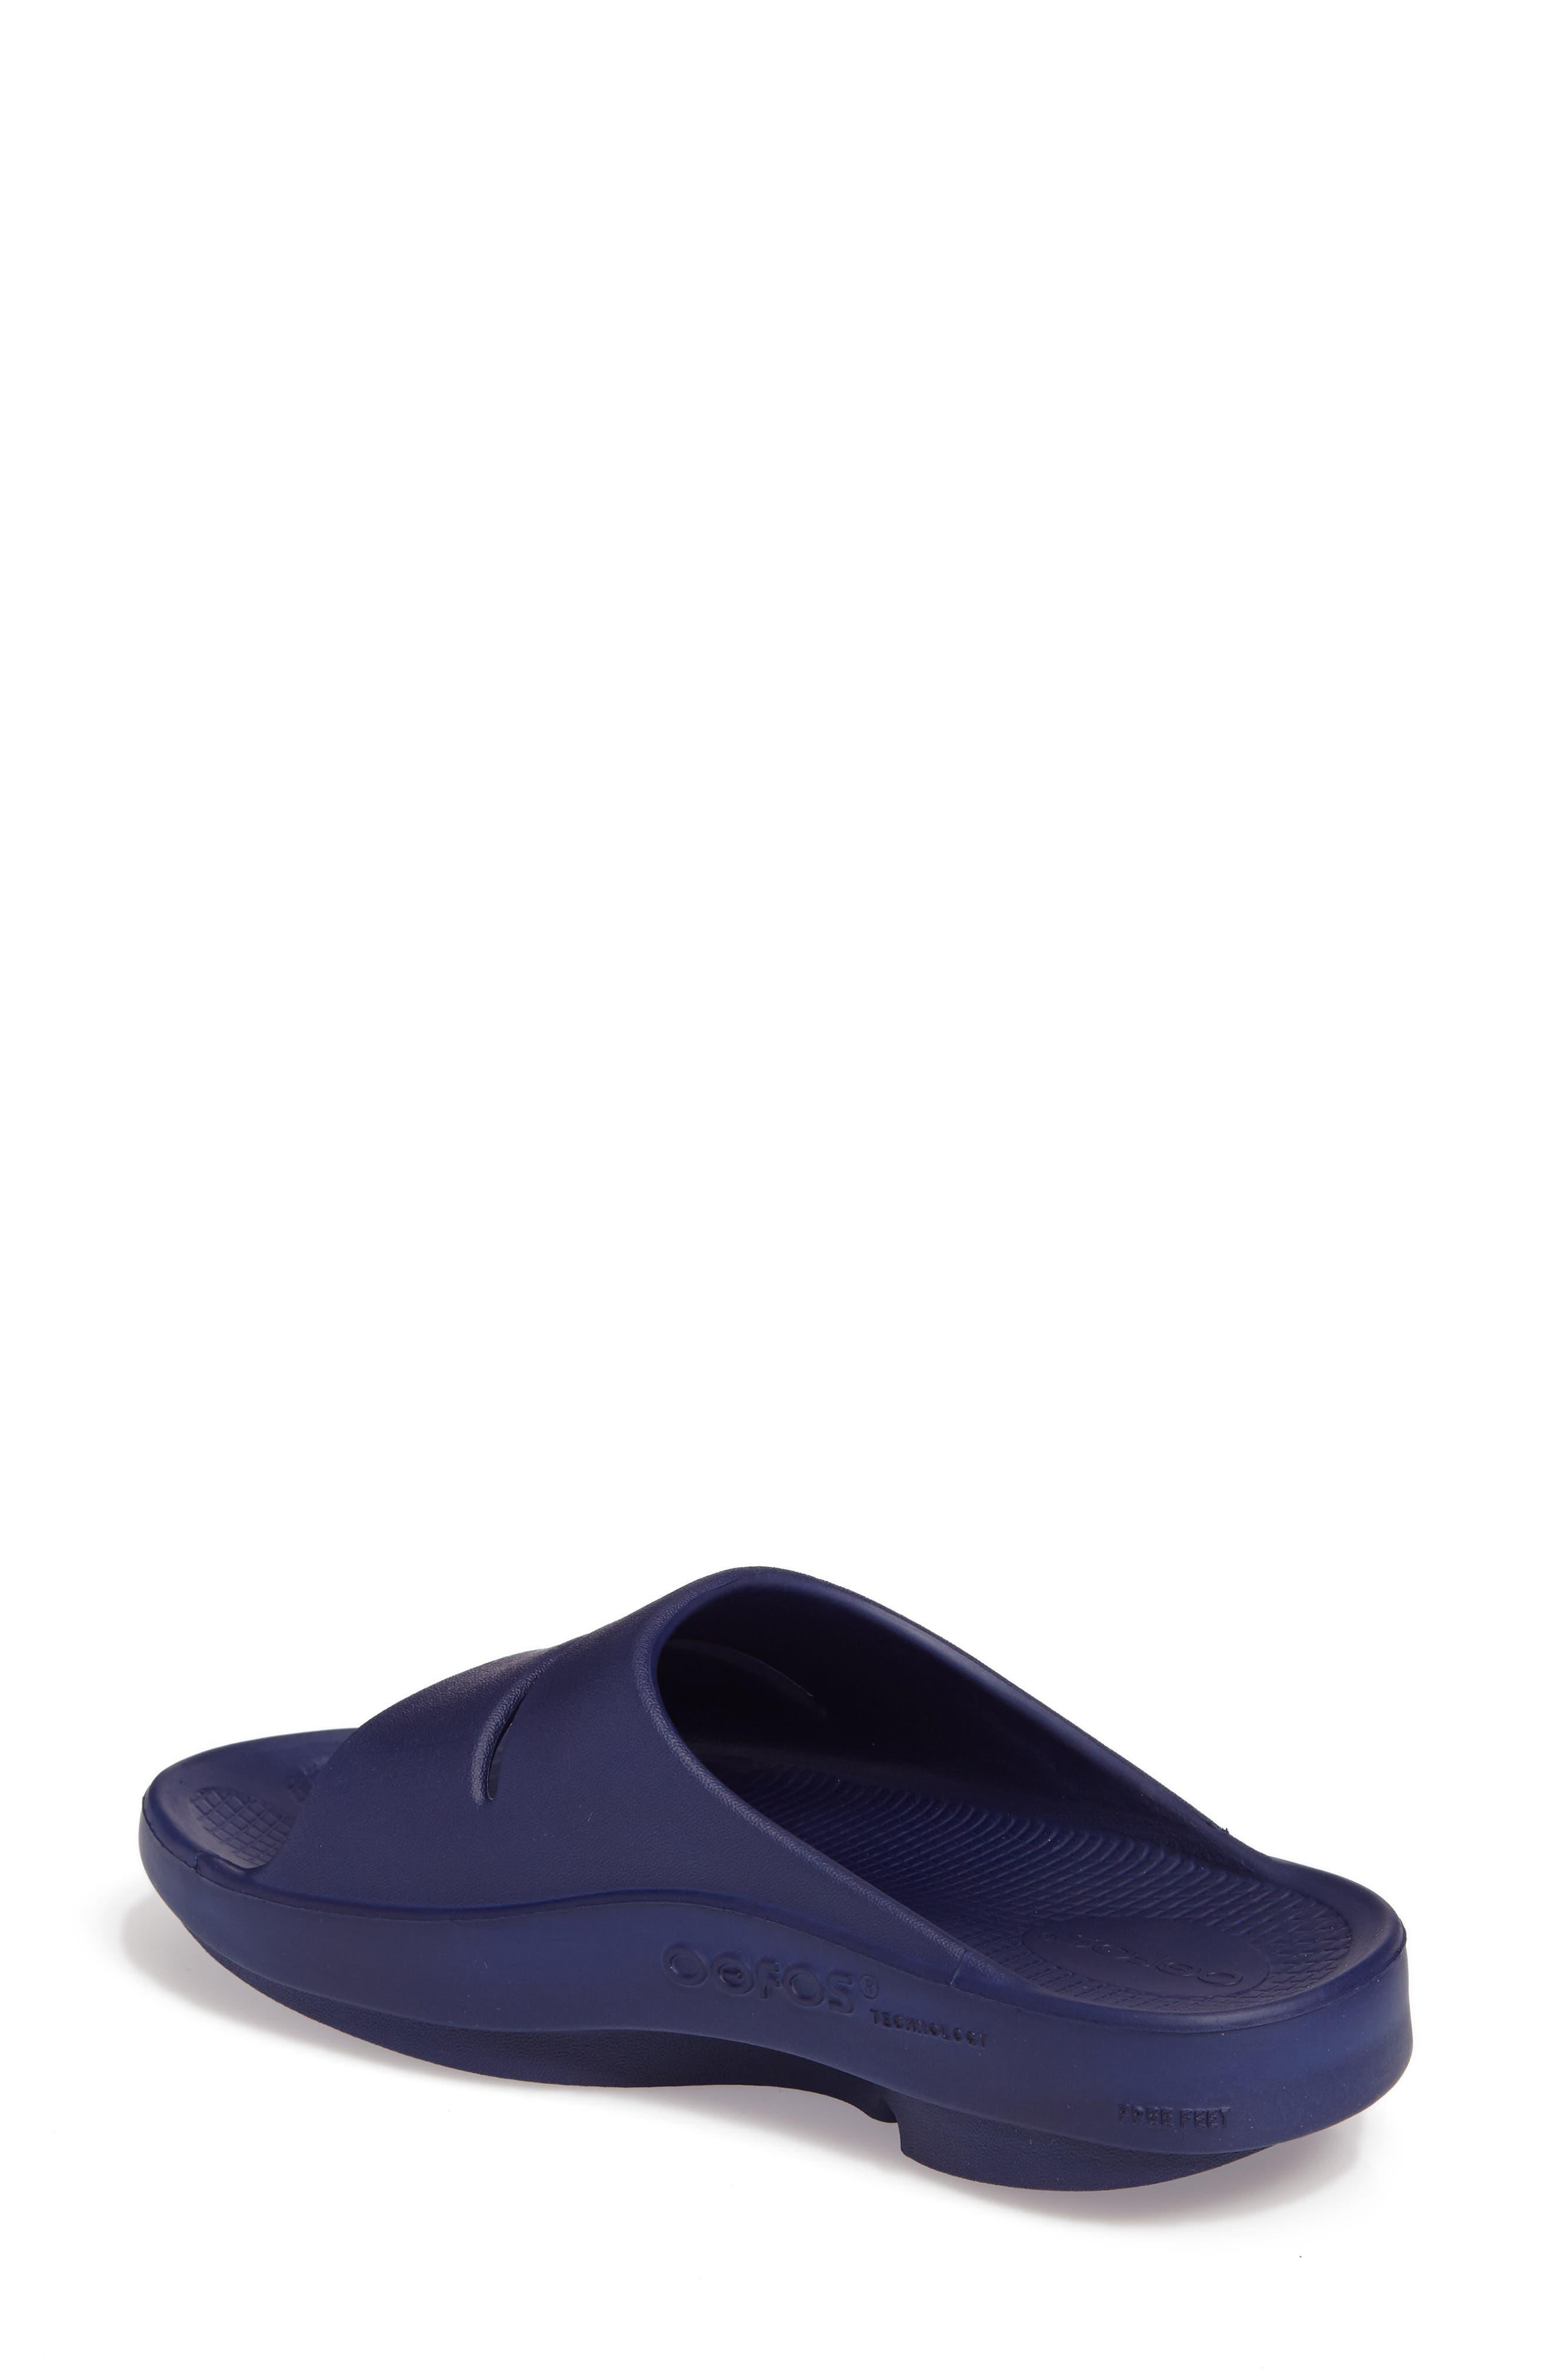 Alternate Image 2  - Oofos OOahh Slide Sandal (Women)